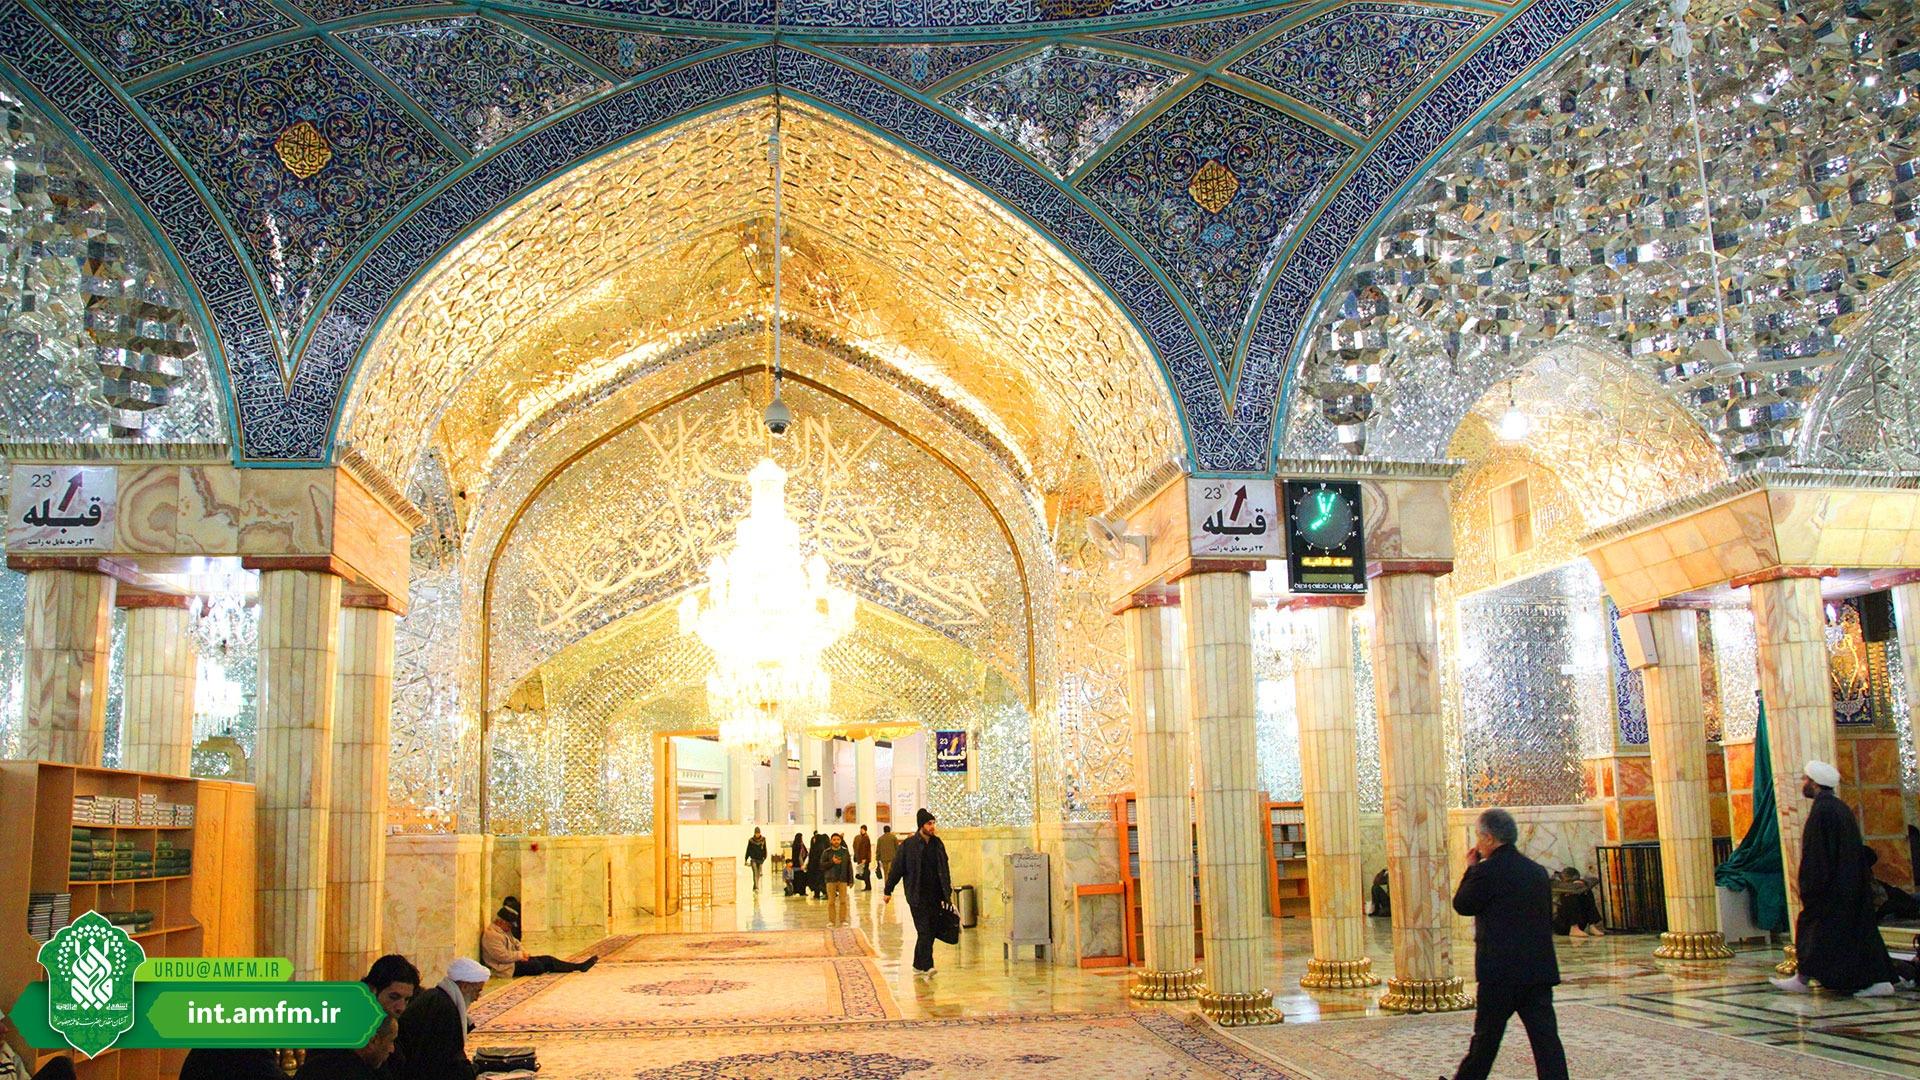 مسجد طباطبائی